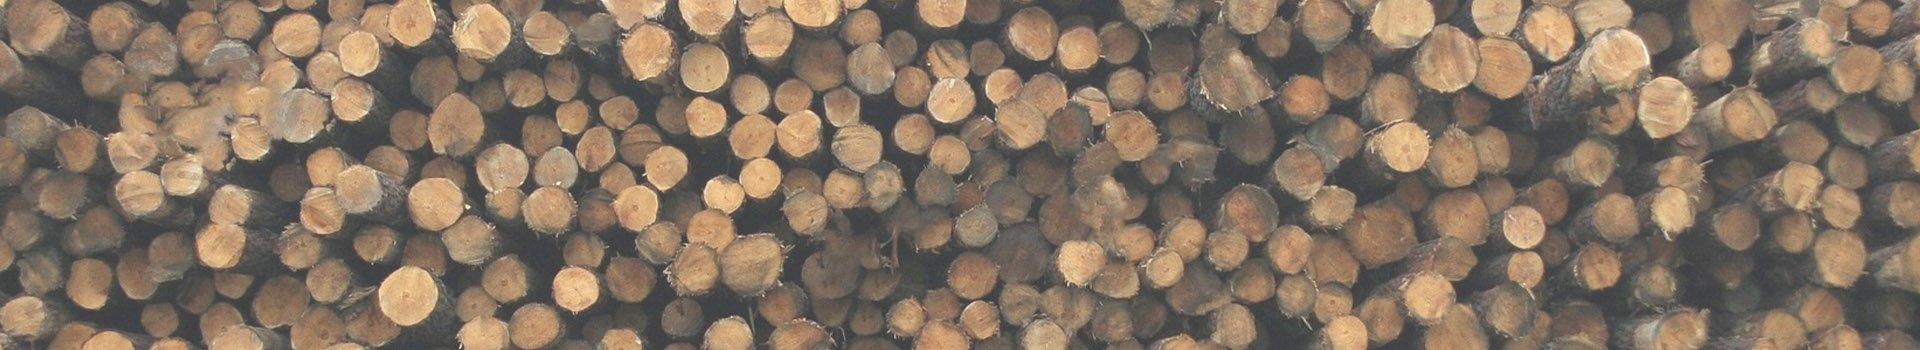 Ketten für die Holzindustrie Holzstämme